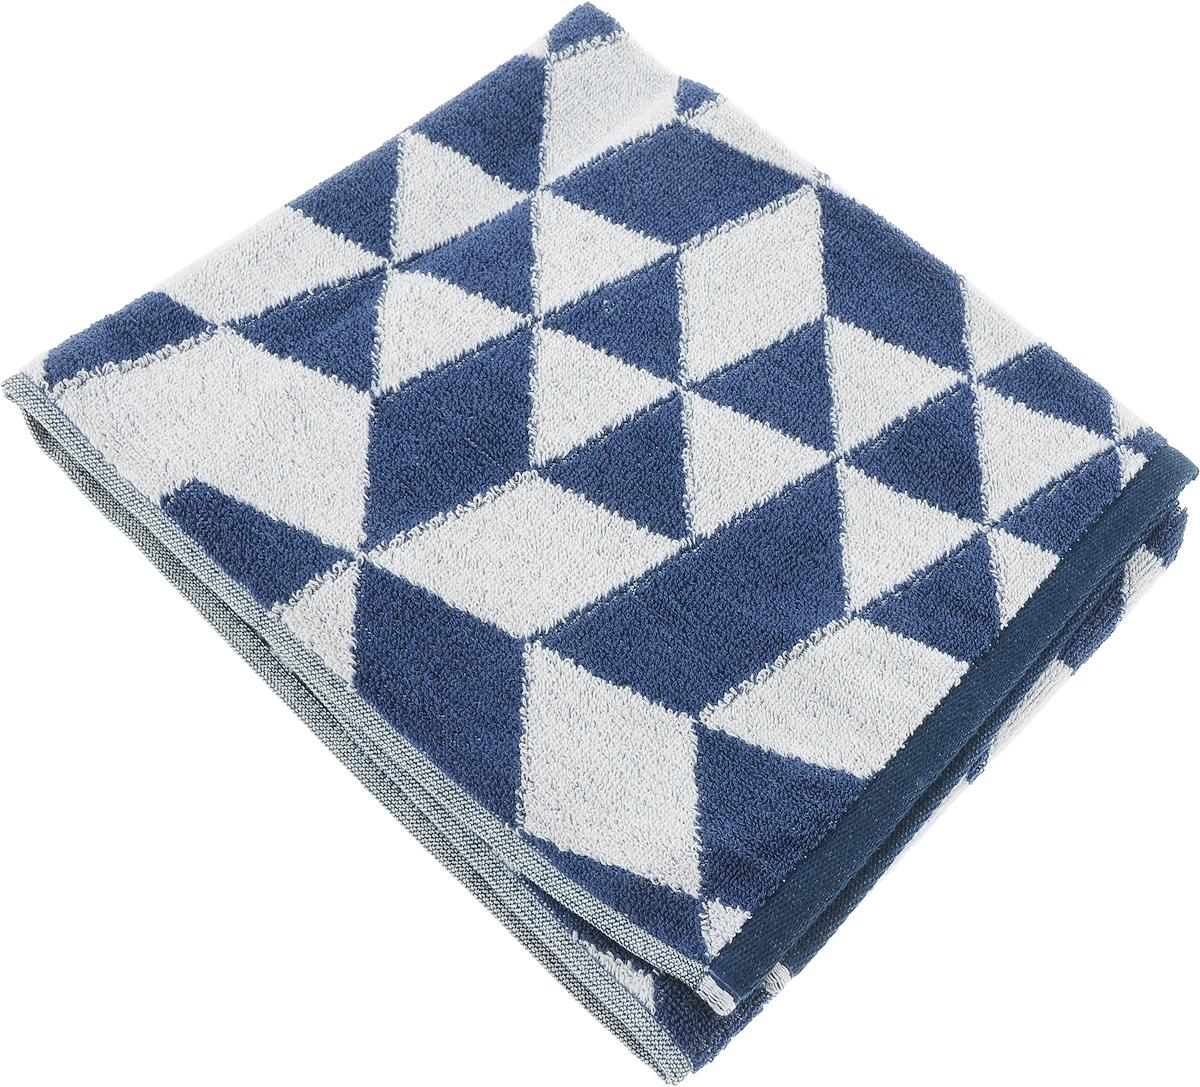 Полотенце Aquarelle Орион 3, цвет: белый, темно-синий, 50 х 90 см полотенце махровое aquarelle таллин 1 цвет ваниль 50 х 90 см 707762